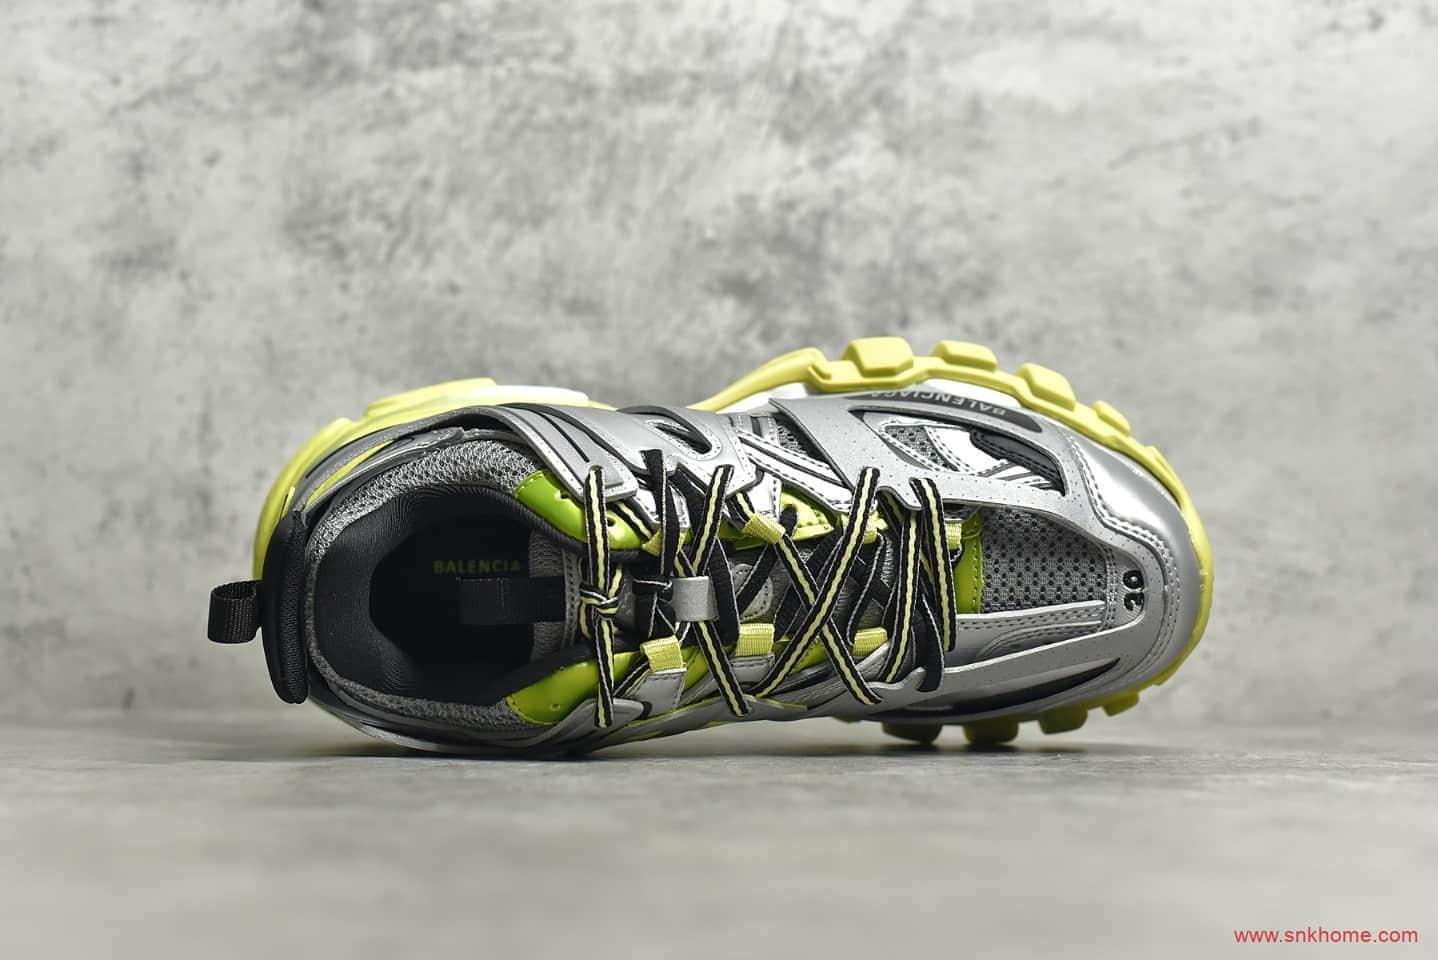 巴黎世家三代老爹鞋灰黄色 BALENCIAGA Trainers 3.0代 巴黎世家概念鞋莆田巴黎世家代工厂-潮流者之家